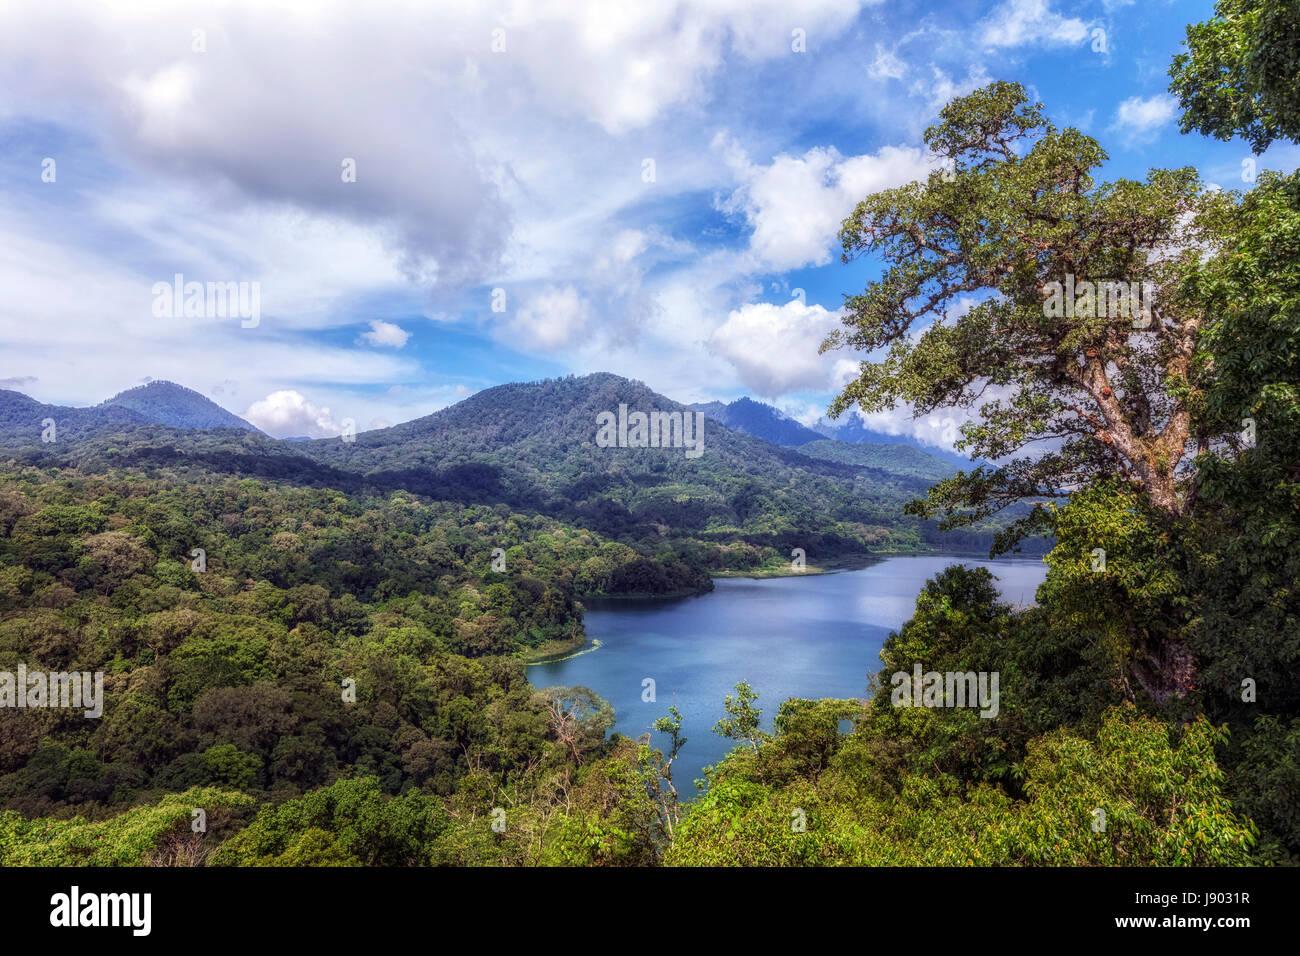 Lake Tamblingan, Bali, Indonesia - Stock Image